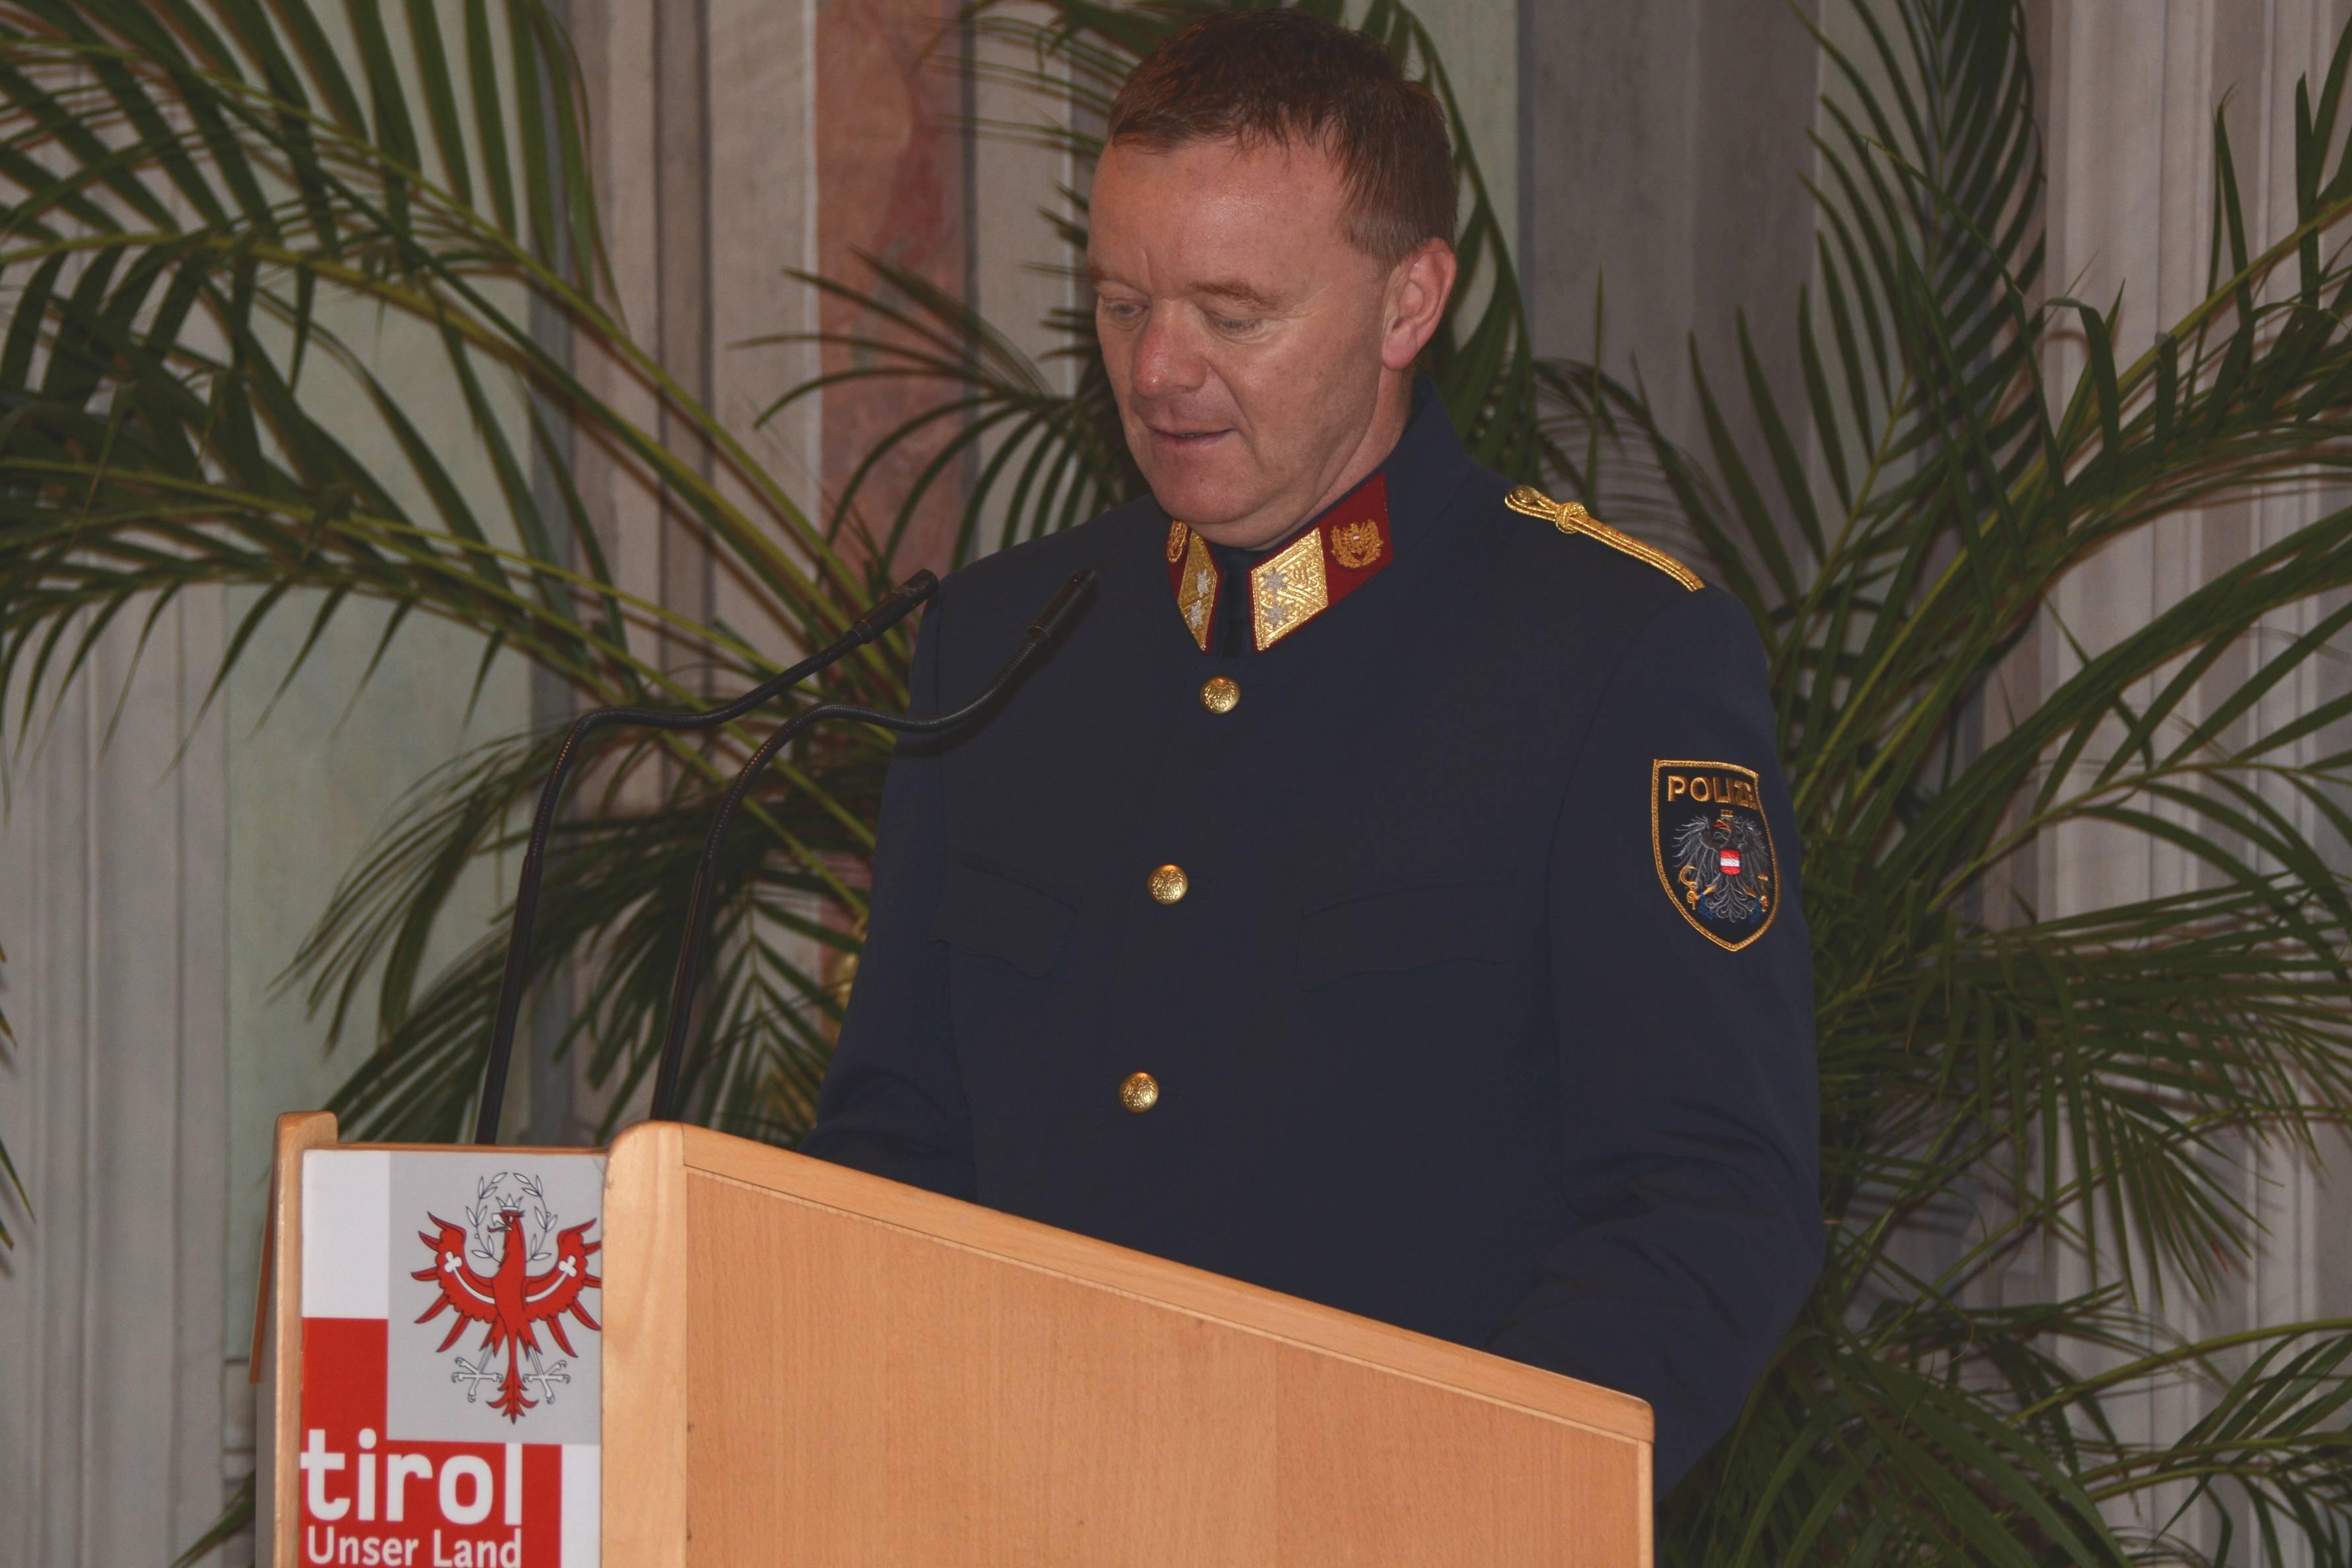 Obstlt Manfred Dummer, Moderator und Leiter des Büro Öffentlichkeitsarbeit in der LPD führte durch das Programm. ©LPD Gruber